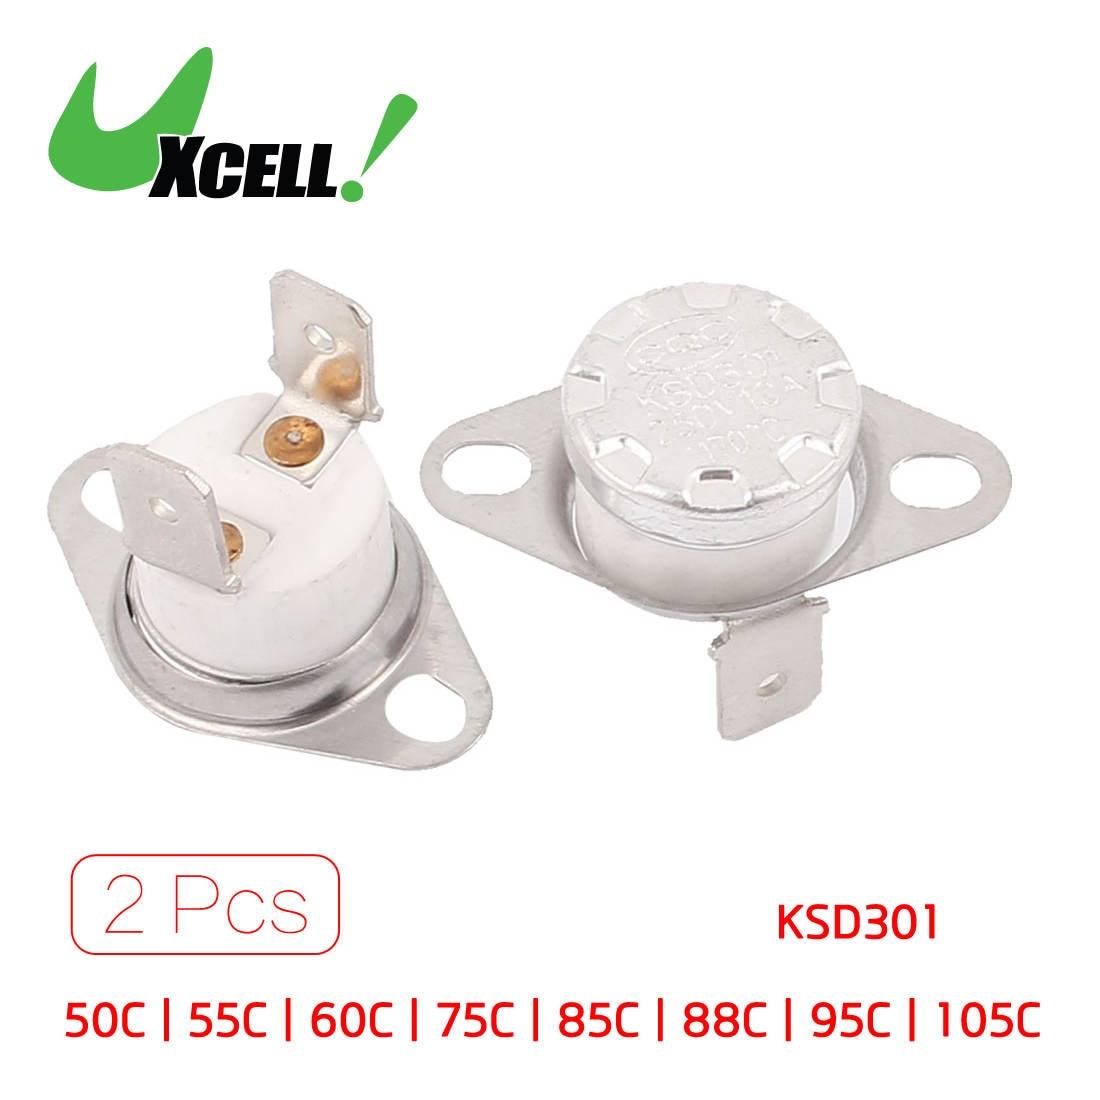 Uxcell 2 Pcs Nc 2 Pin Temperature Control Ceramic Thermostat Swtich Ac250v 105c  110c  115c  120c  125c  170c  175c  50c